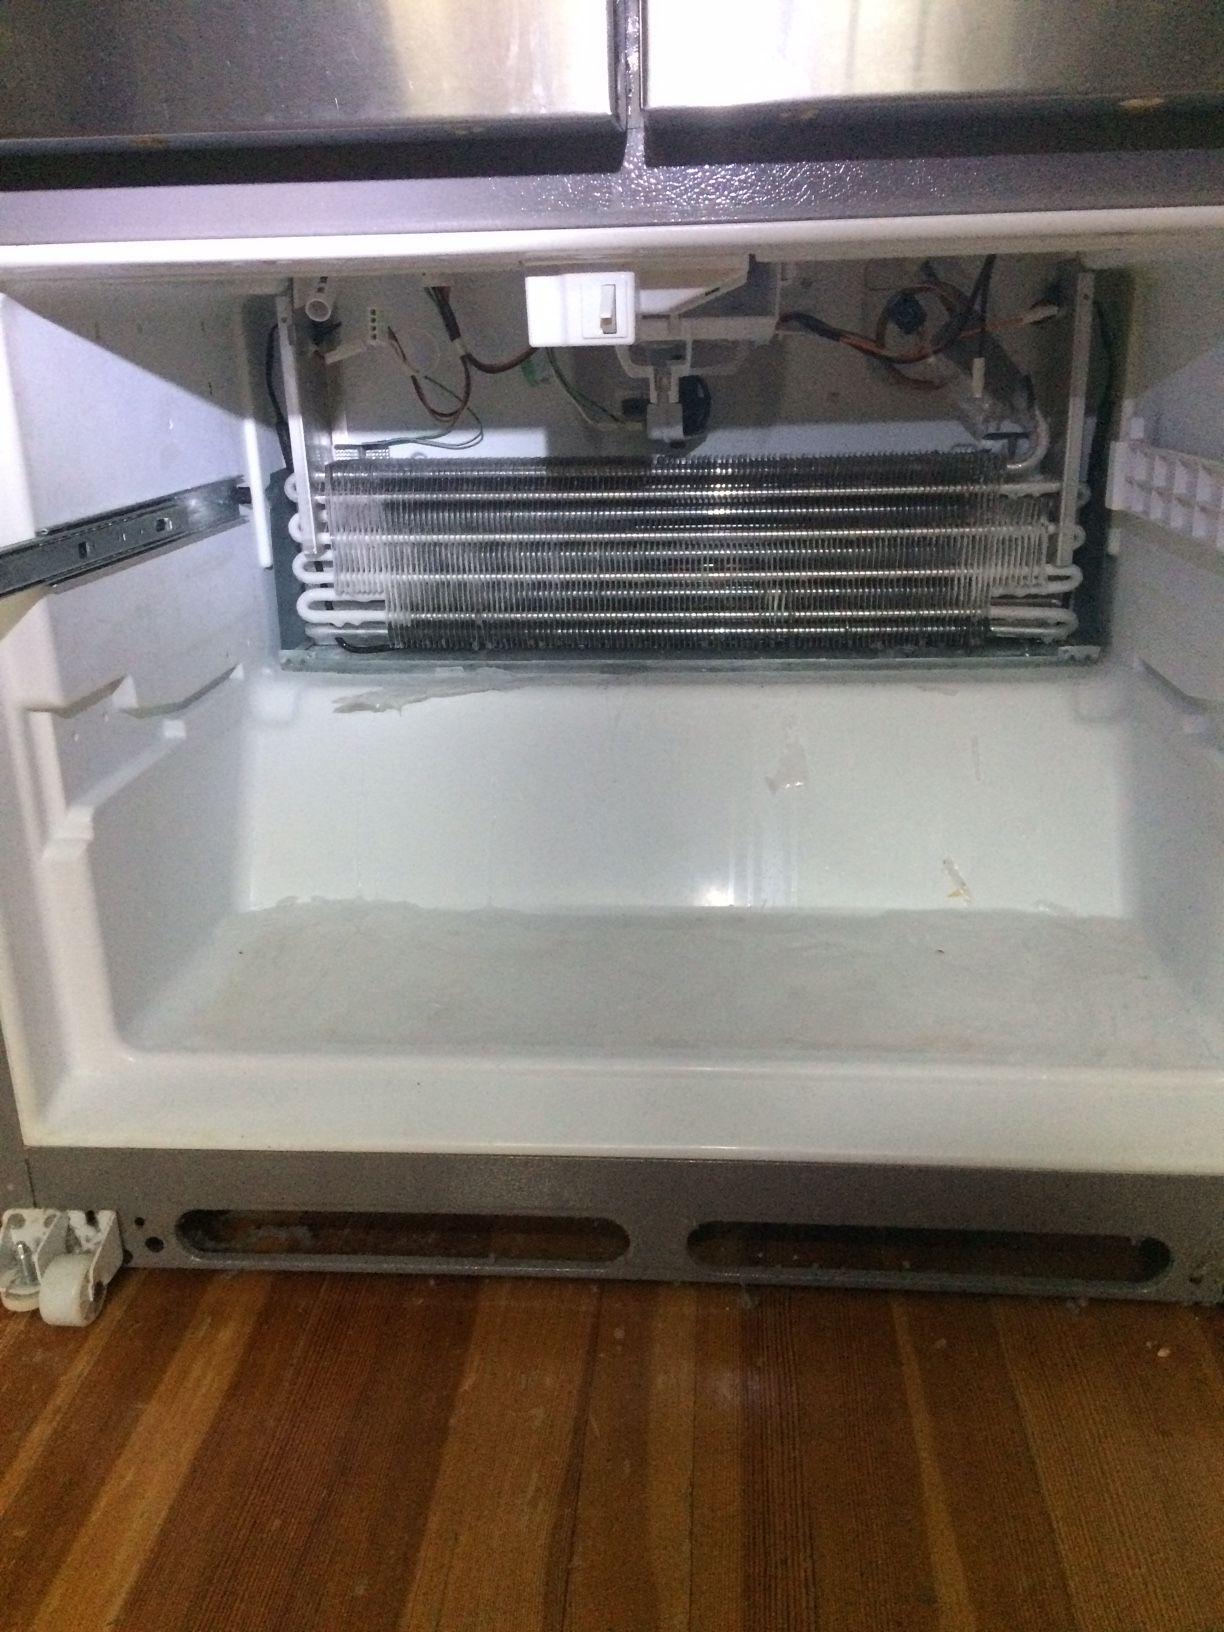 Kenmore refrigerator repair kenmorerefrigeratorrepair